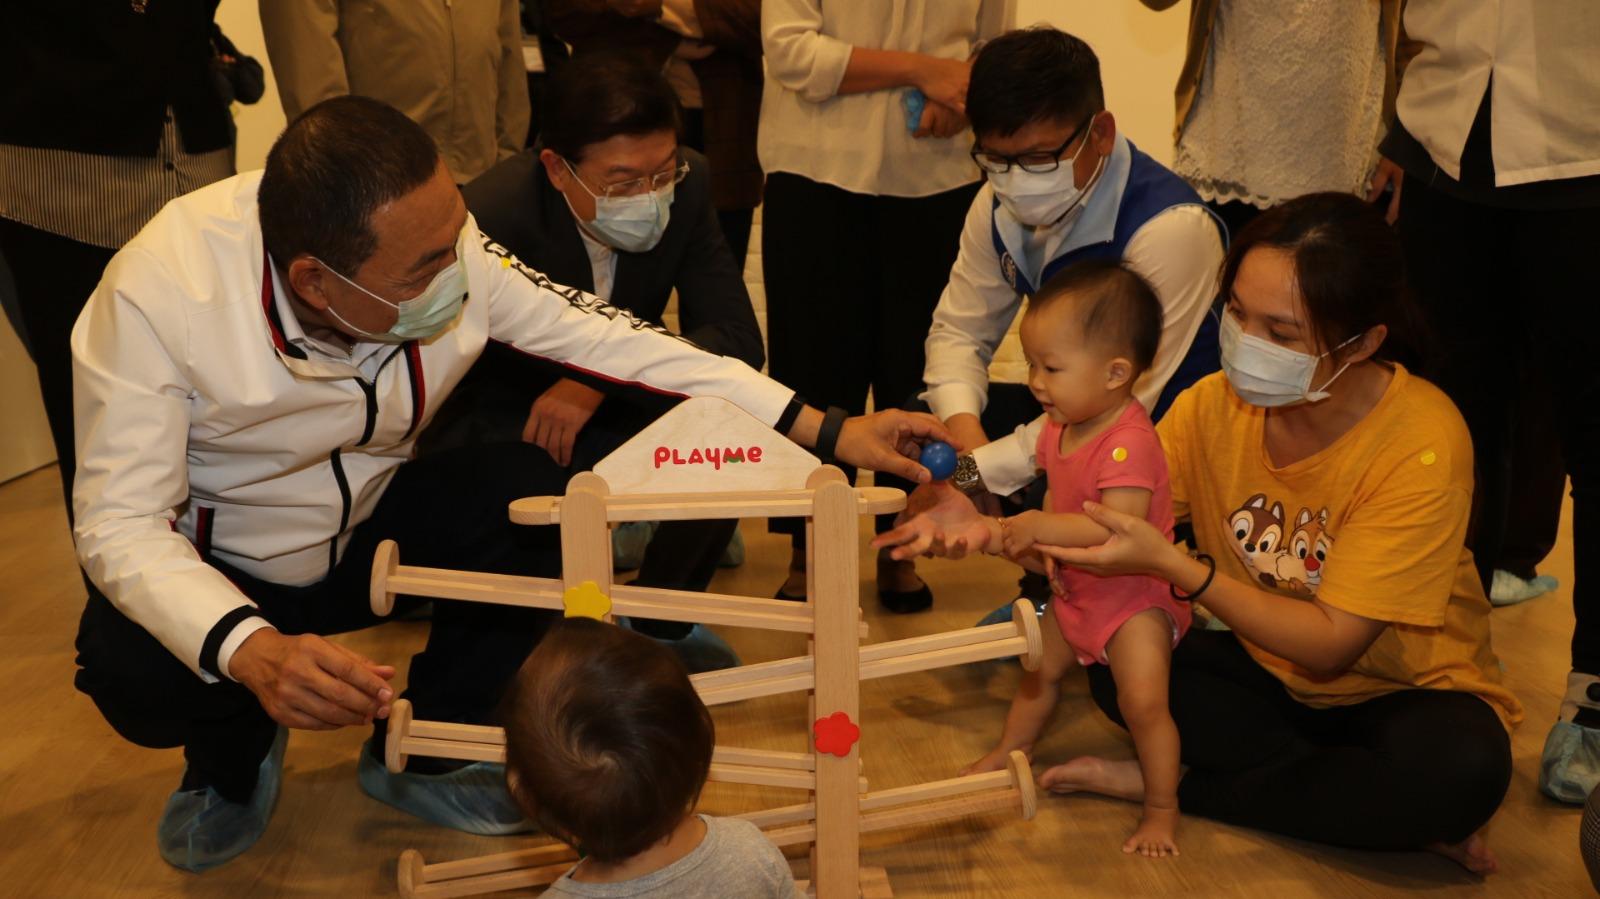 市長和小孩玩手眼協調的滾球遊戲